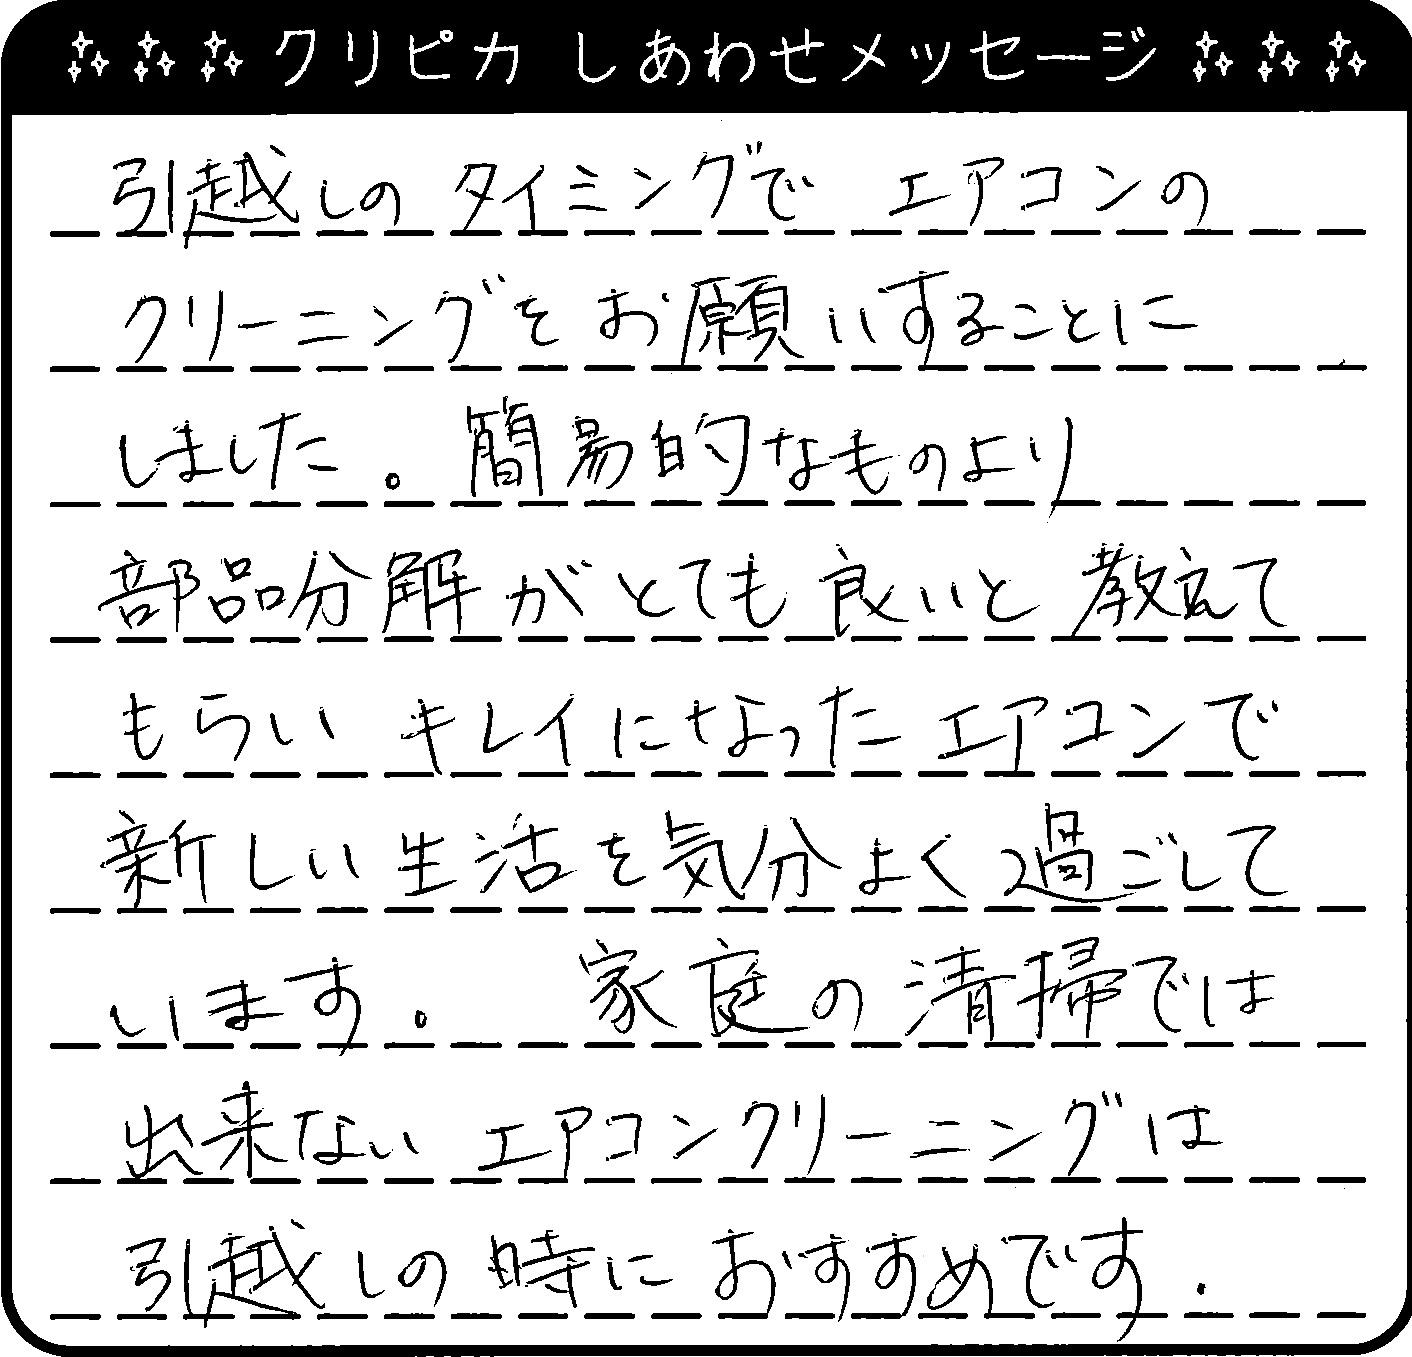 栃木県 H様からのしあわせメッセージ